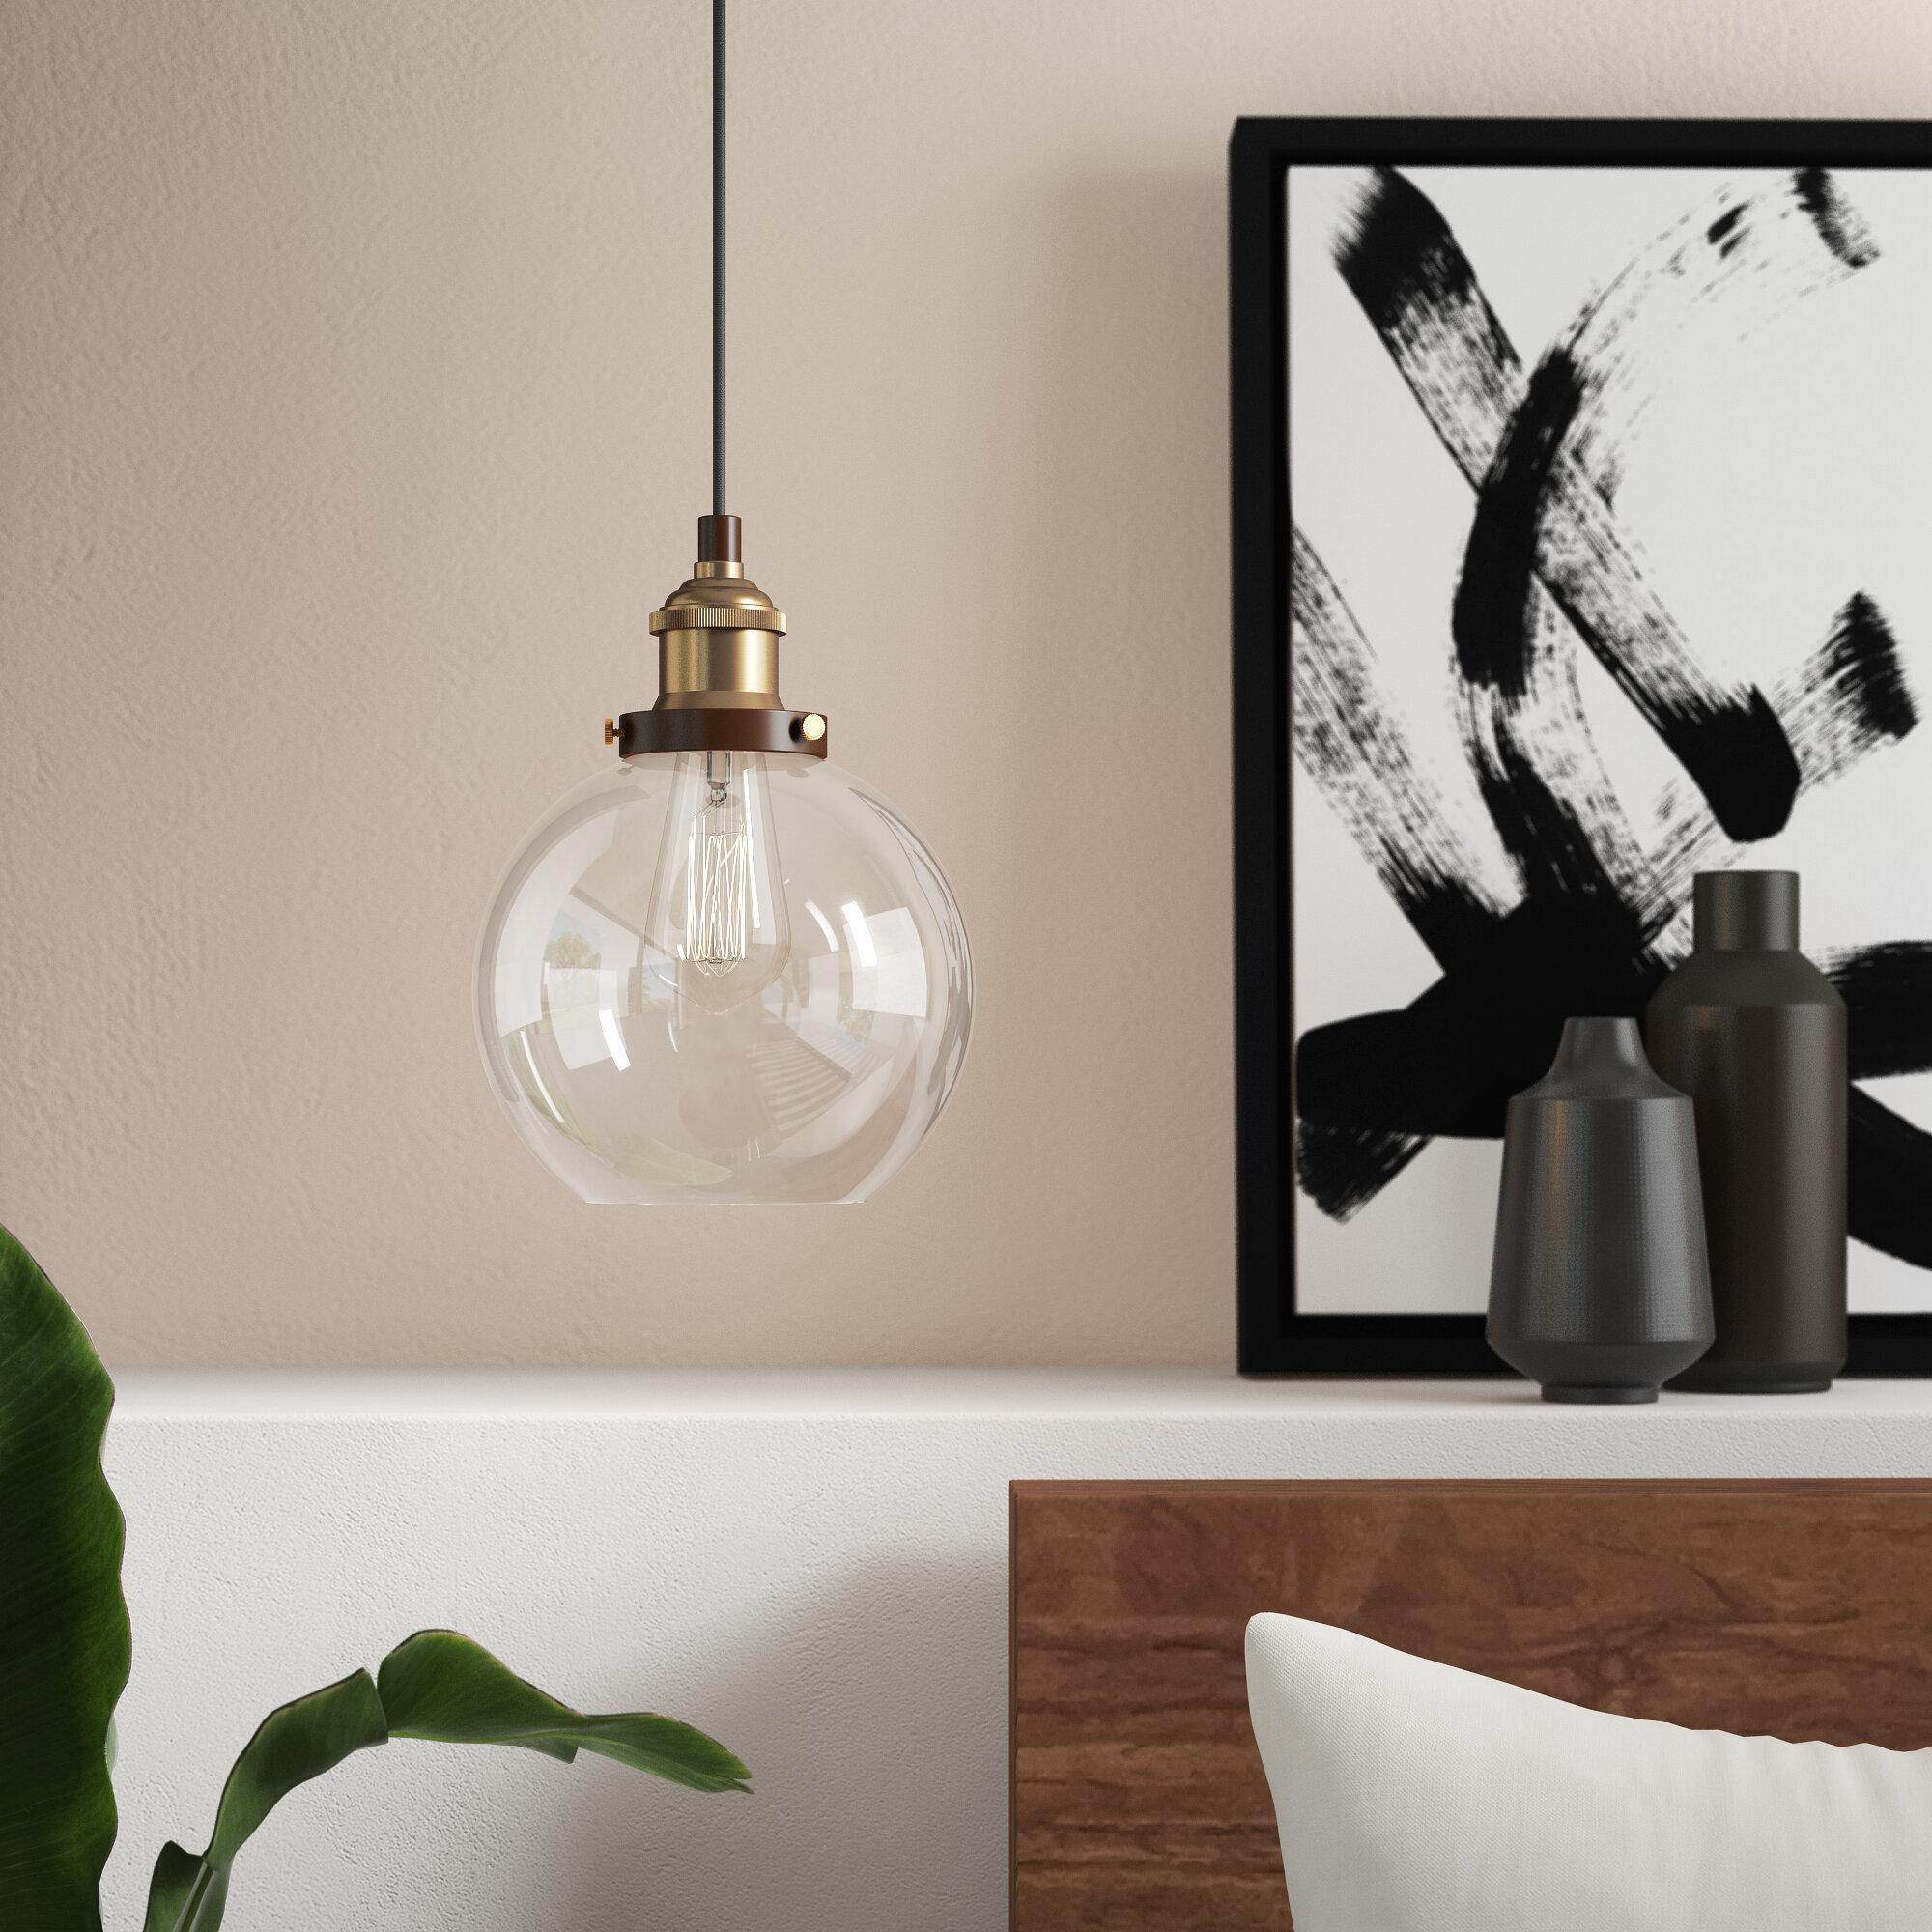 Dunneback 1 Light Single Globe Pendant Within Gehry 1 Light Single Globe Pendants (Gallery 6 of 30)